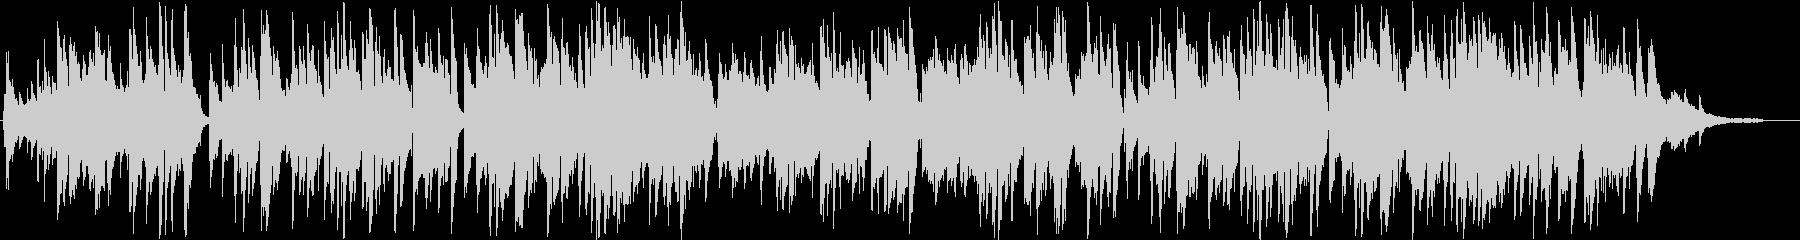 マンドリンのイタリア南欧系ジャズ・伴奏版の未再生の波形